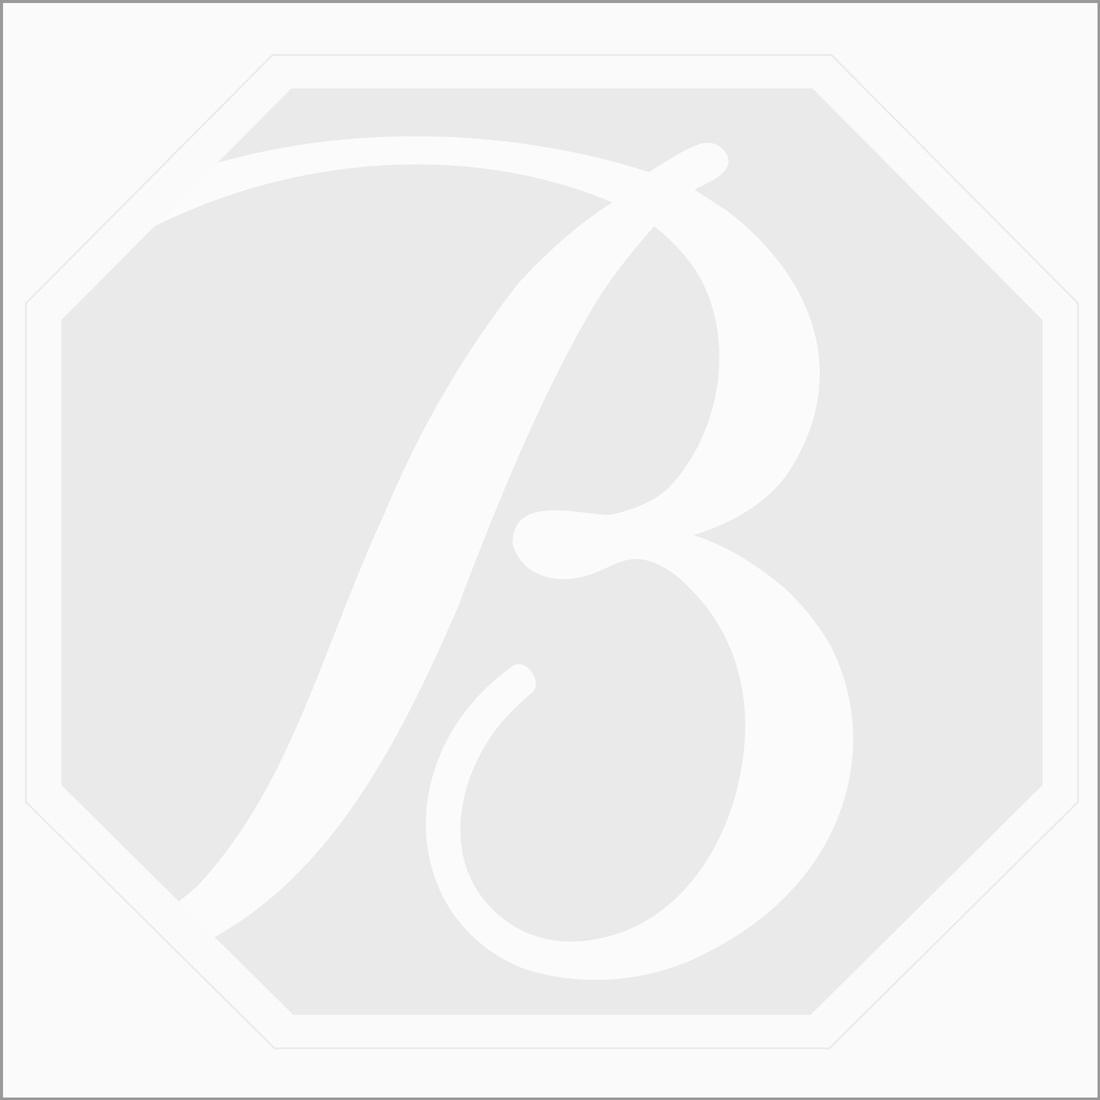 2 Pcs - Blue Sapphire Rose Cuts - 50.37 ct. - 27.4 x 34.8 x 2.7 mm  (SSL1003)